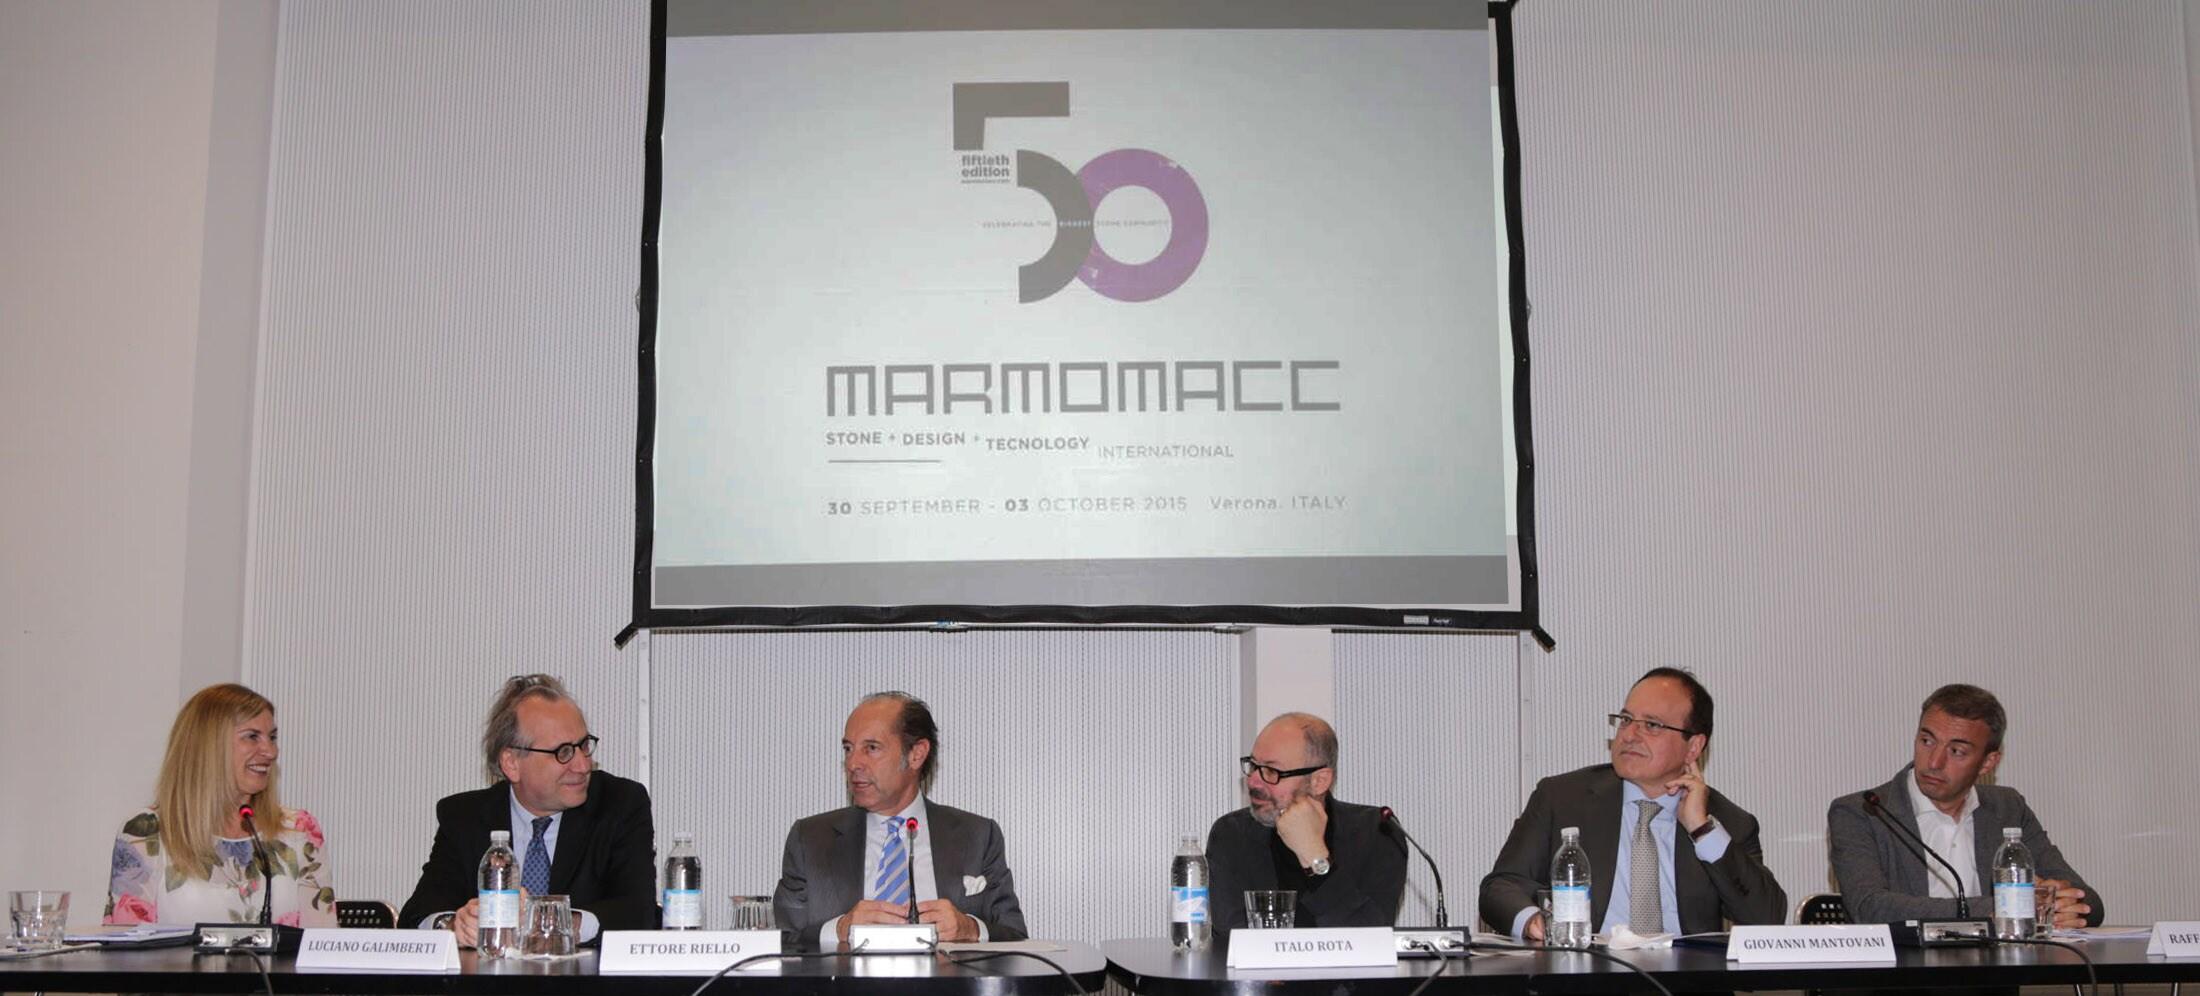 50th edition of Marmomacc with Abitare il Tempo - Interni Magazine